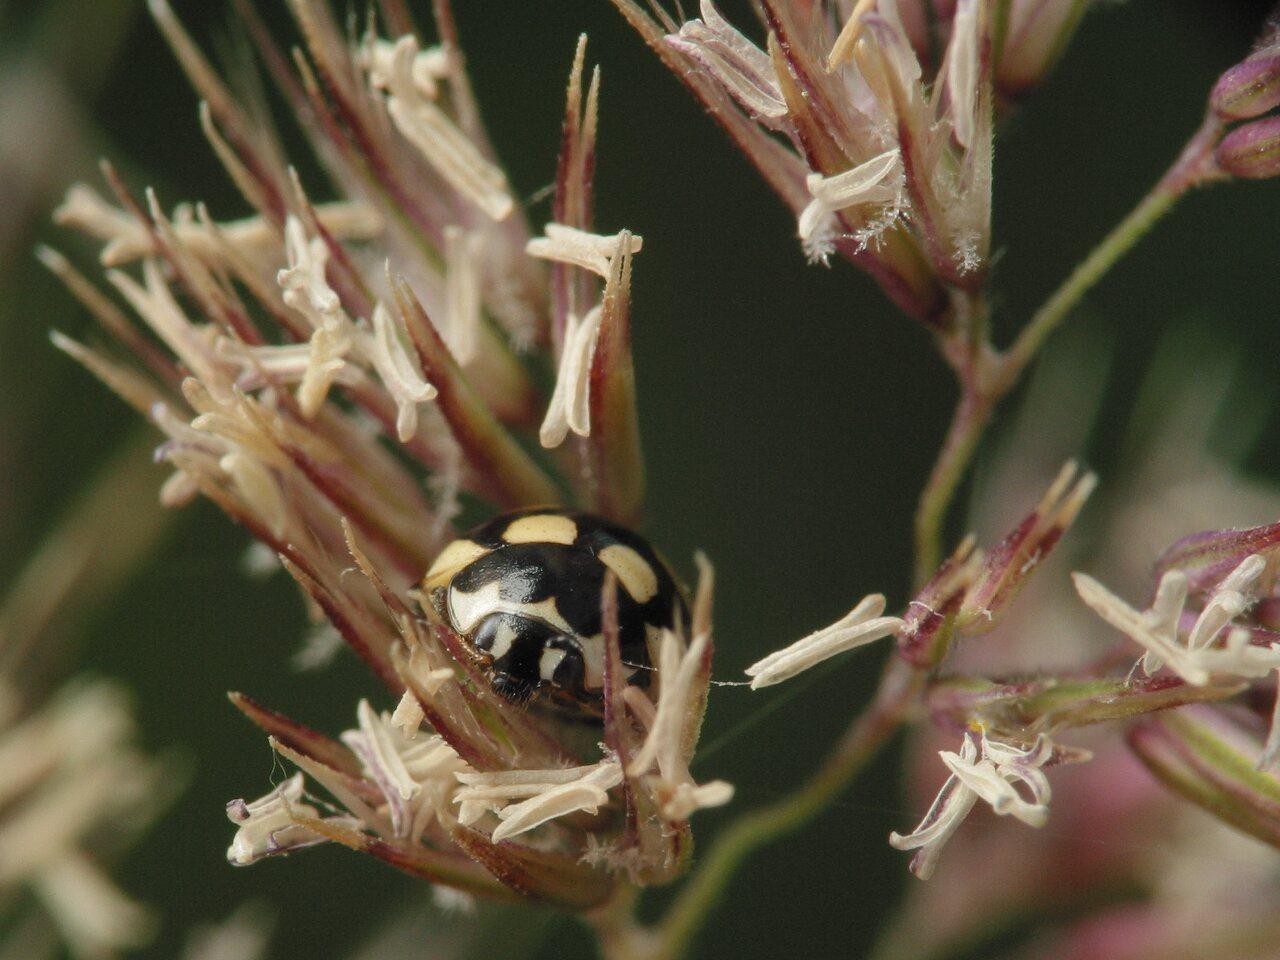 Coccinula-quatuordecimpustulata-3509.jpg